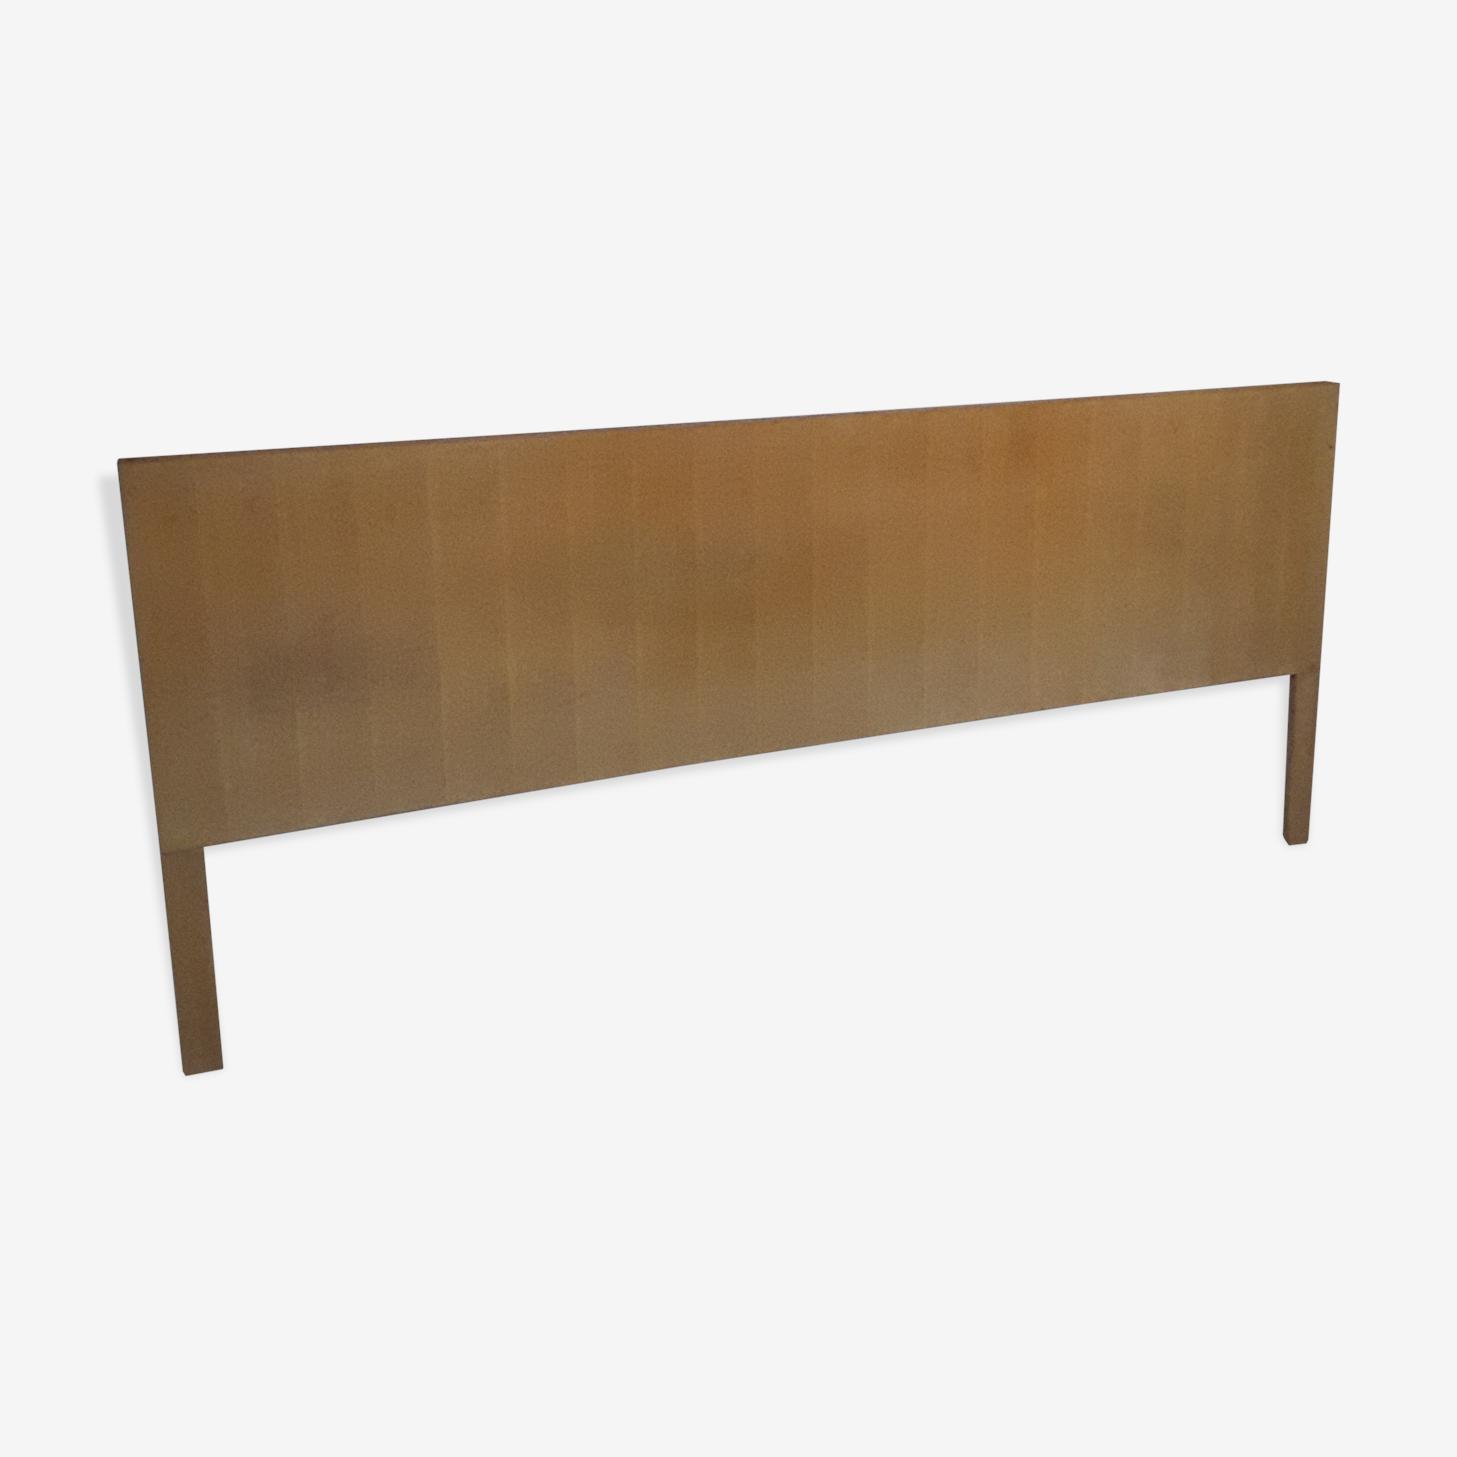 Tête de lit en bois et placage chêne vintage